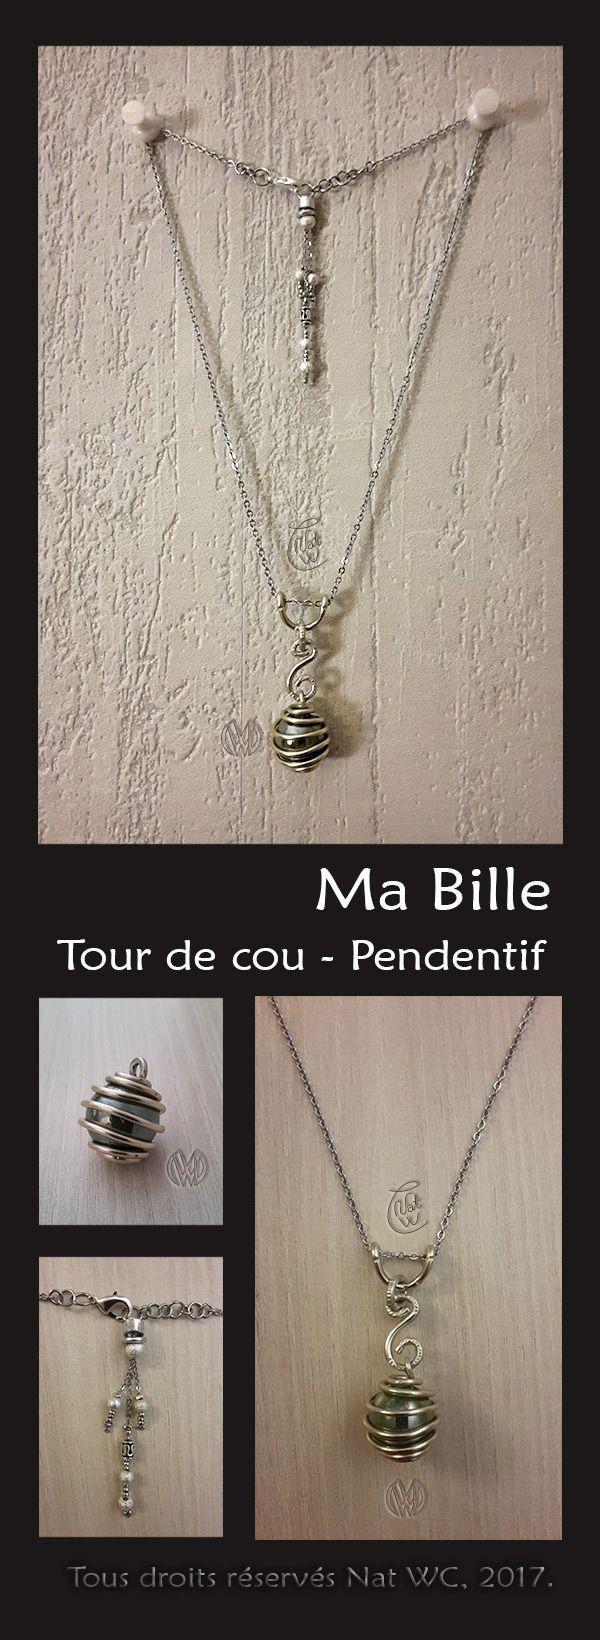 Tour de cou - Pendentif « Ma bille »  - Réalisation [ Fait-Main ] avec du fil d'aluminium et une bille Perle verte (année 90). / Ref. : Tour-de-cou_Pendentif_Ma-bille.